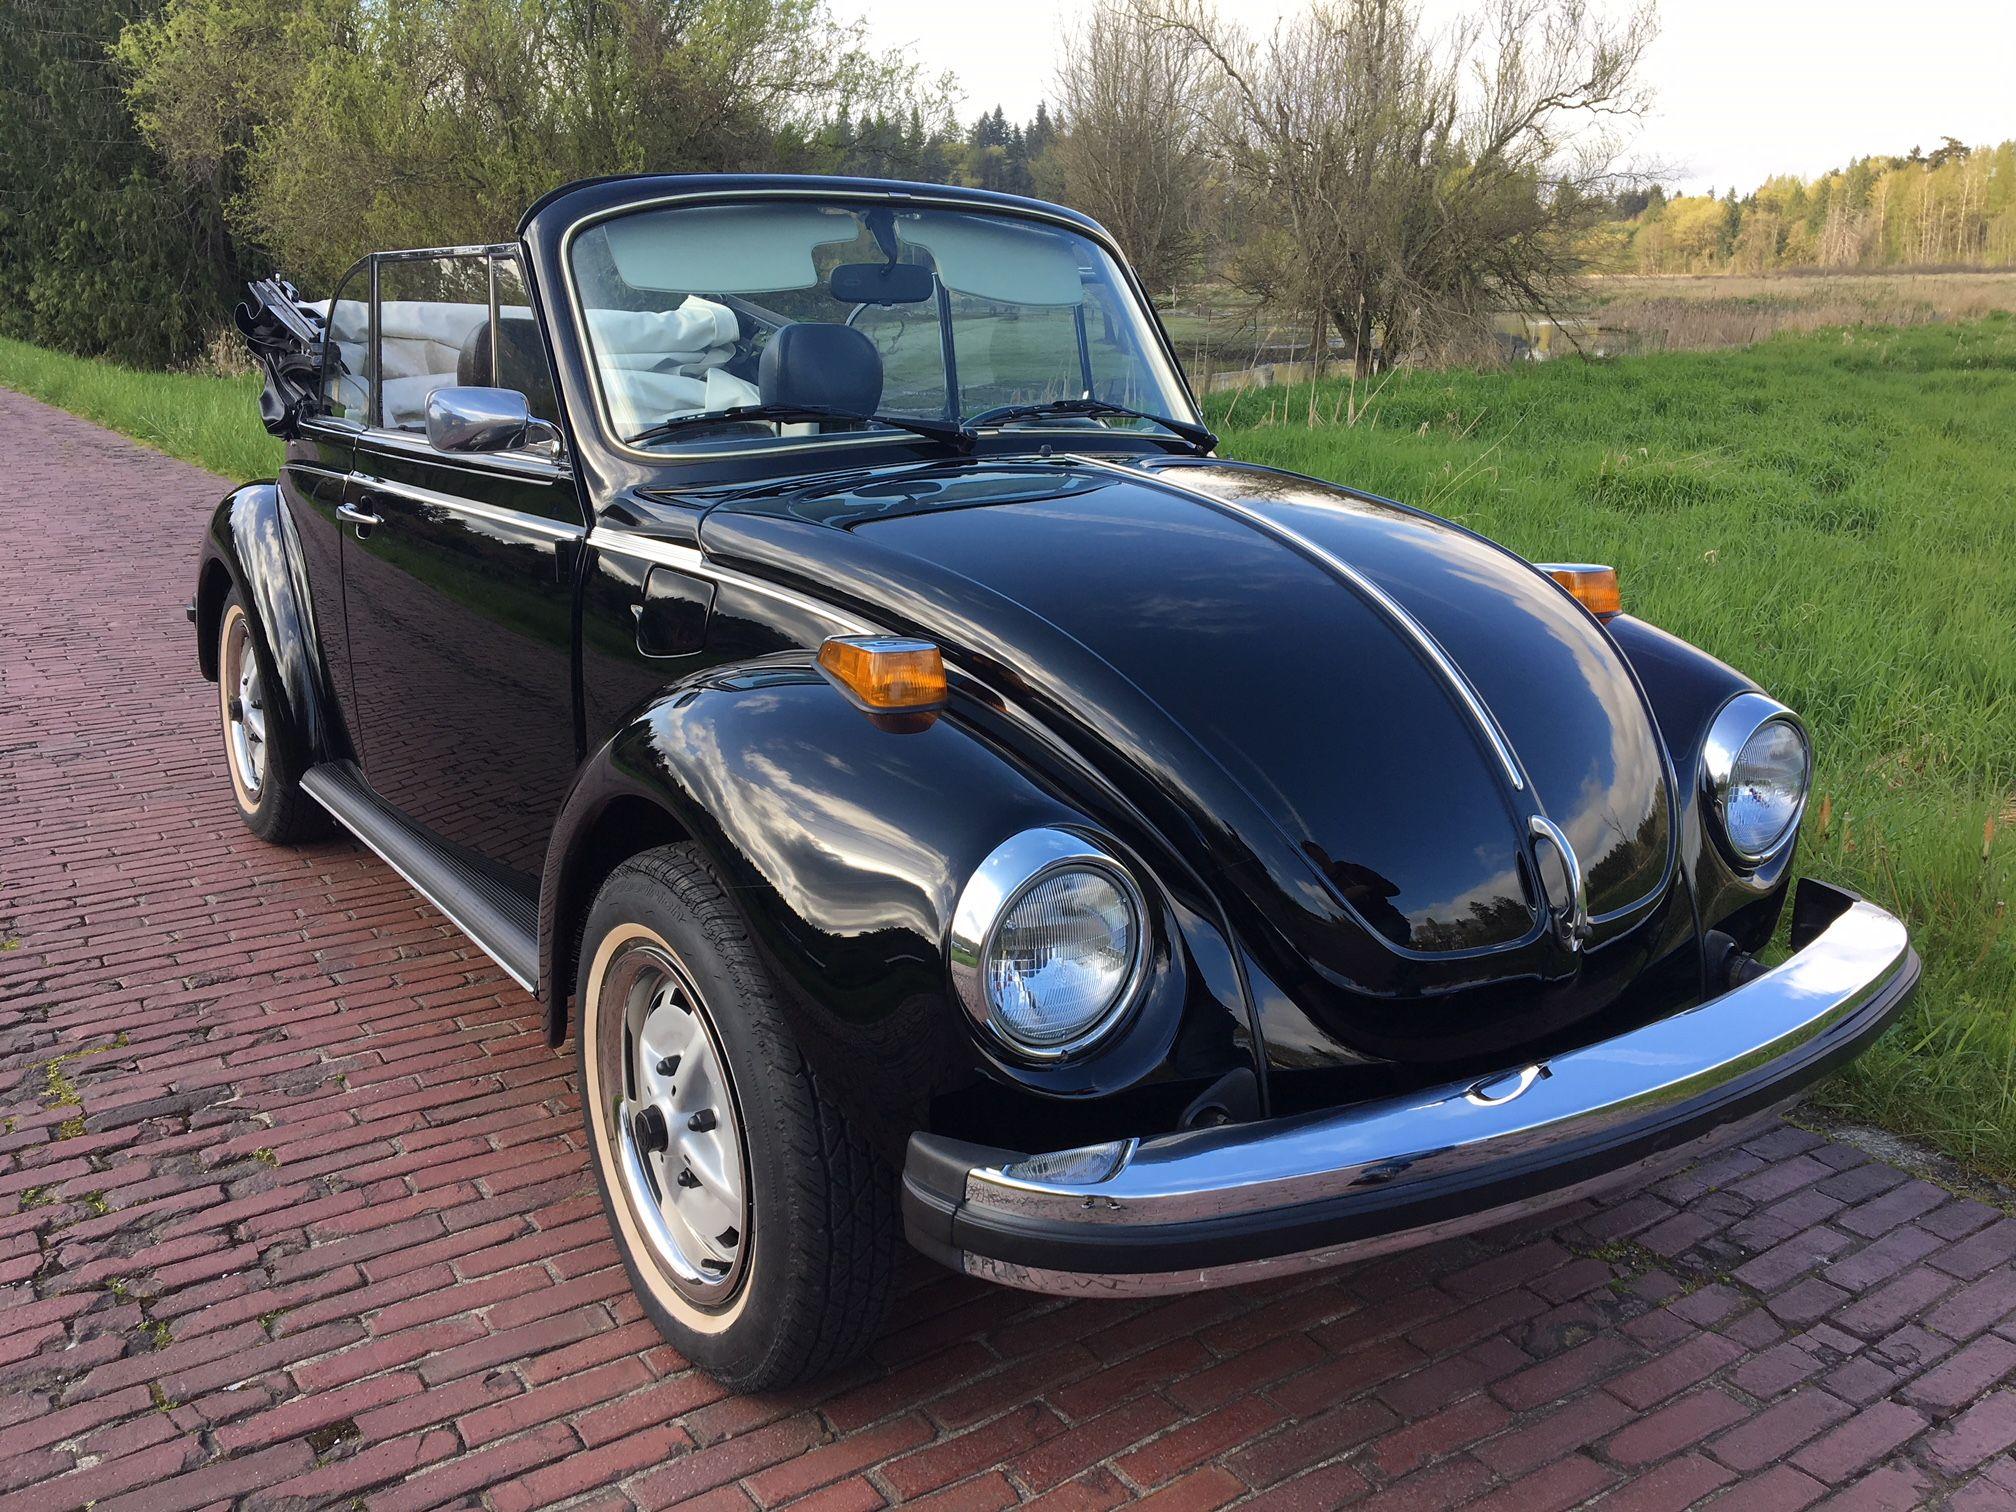 1979 Volkswagen Super Beetle Convertible Epilogue Edition